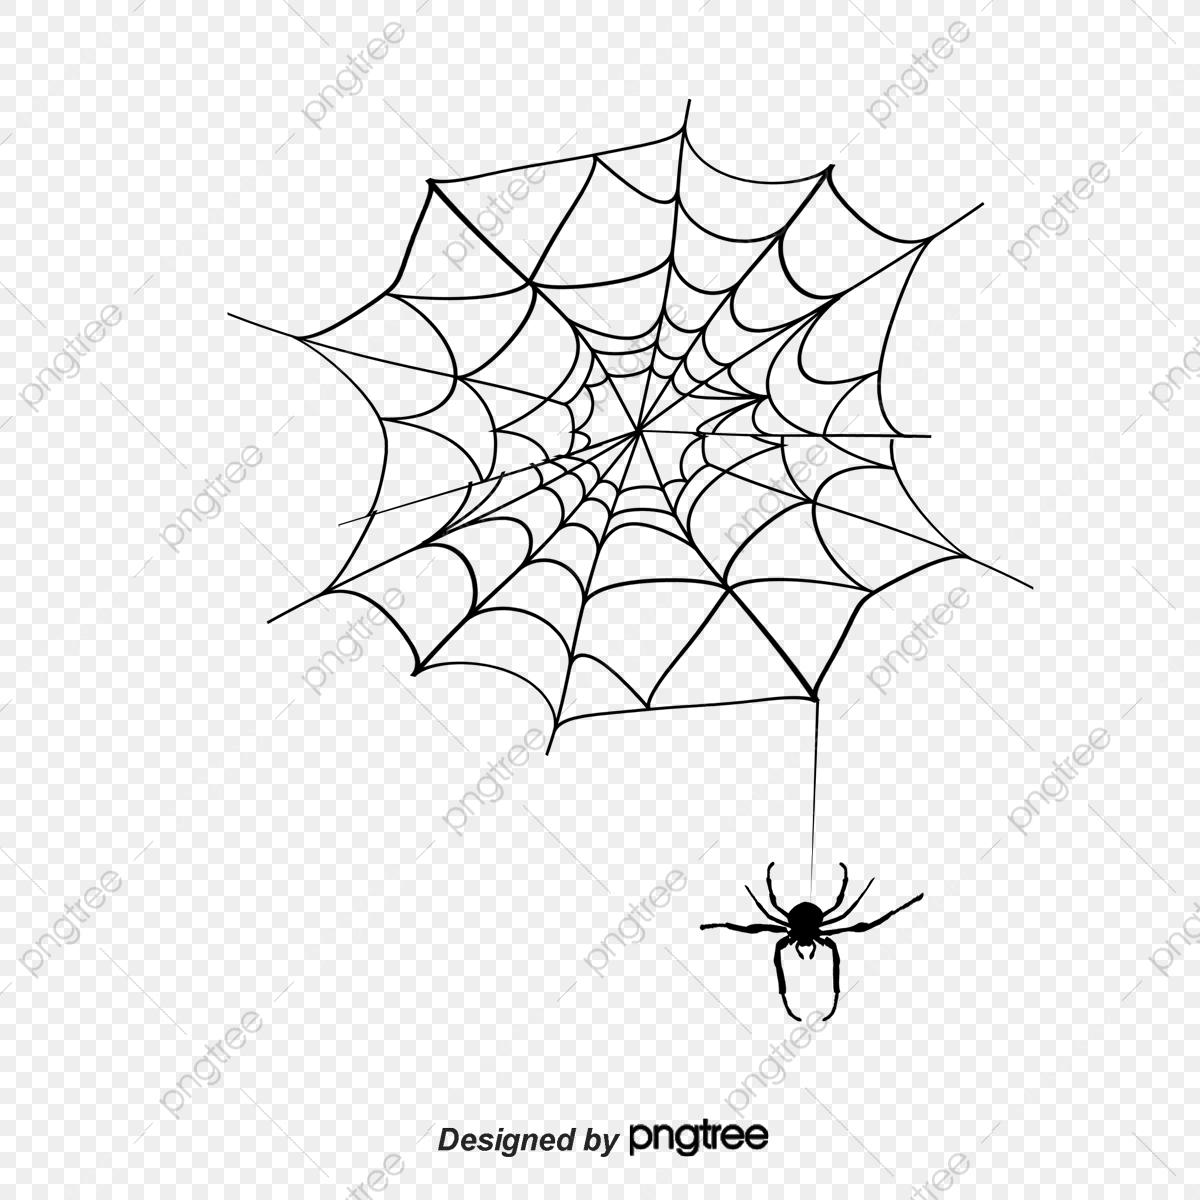 Dessin De Matériau De Toile D'araignée De Silhouette De L serapportantà Dessin Toile Araignée